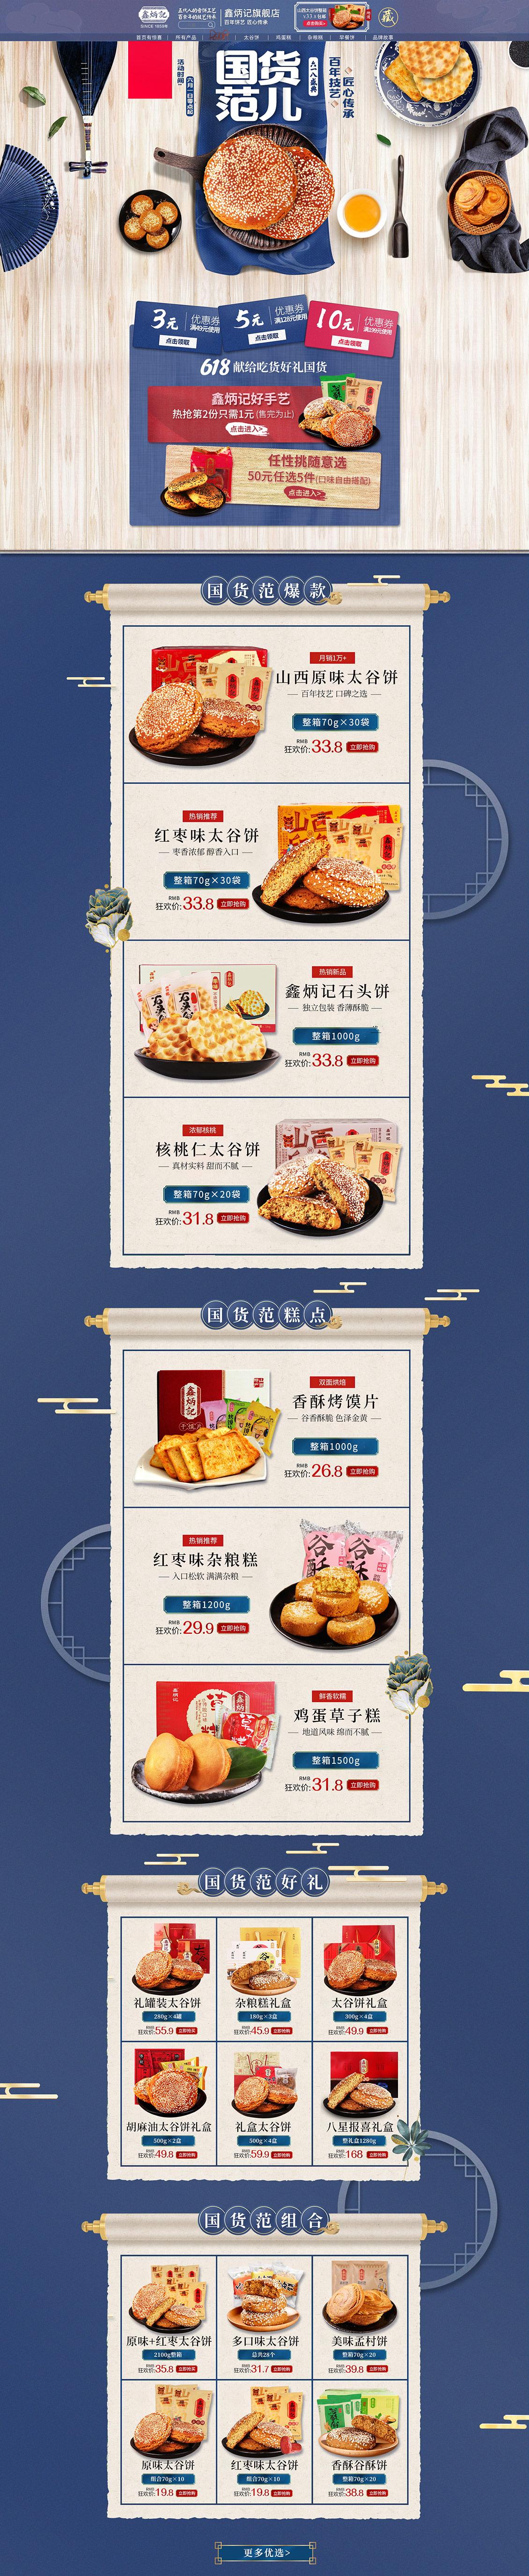 鑫炳记 食品 零食 酒水 618年中大促 天猫店铺首页设计